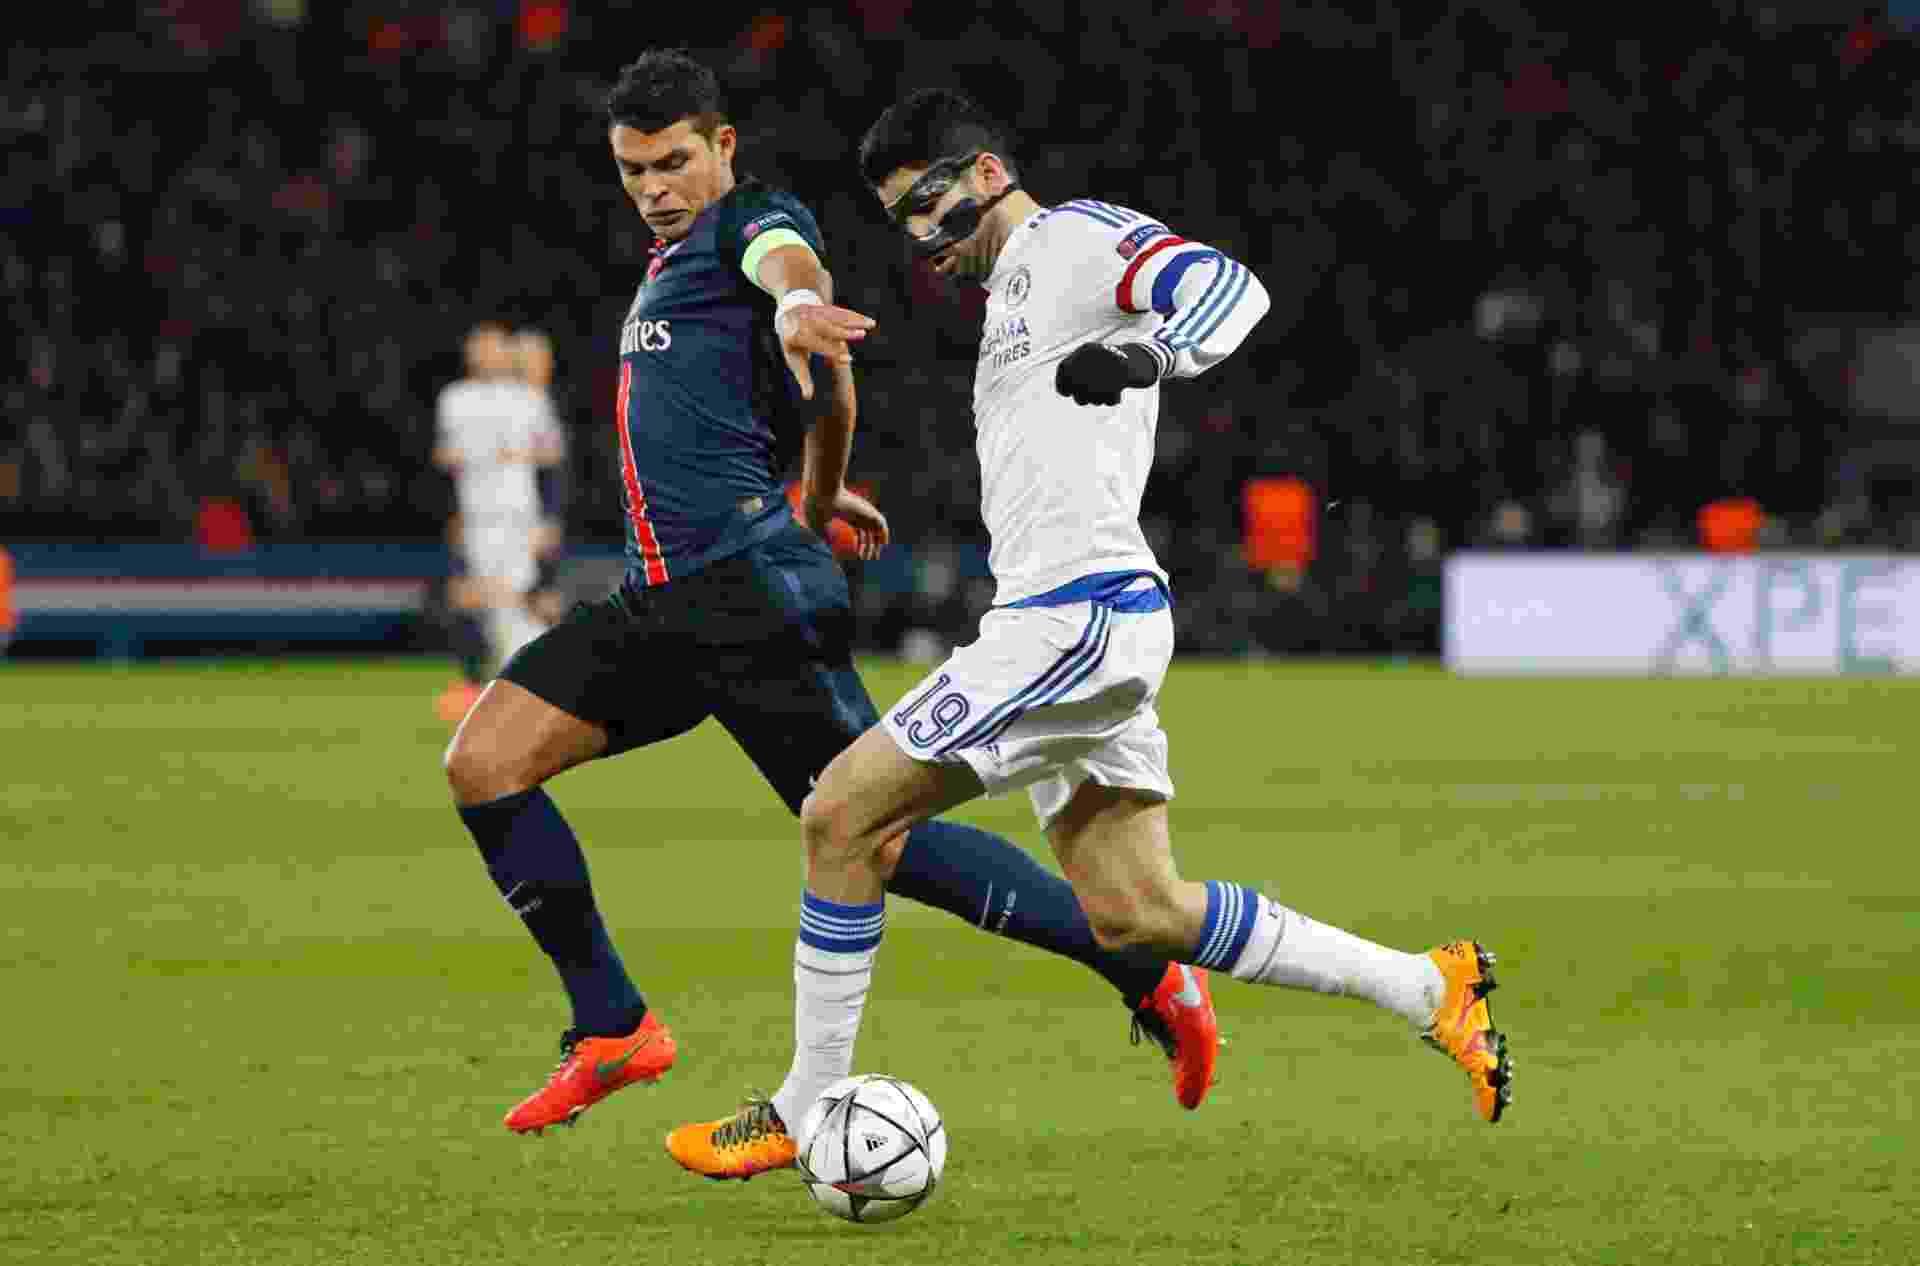 Thiago Silva tenta ficar com a bola durante o jogo do PSG contra o Chelsea na Liga dos Campeões - Reuters / Benoit Tessier Livepic